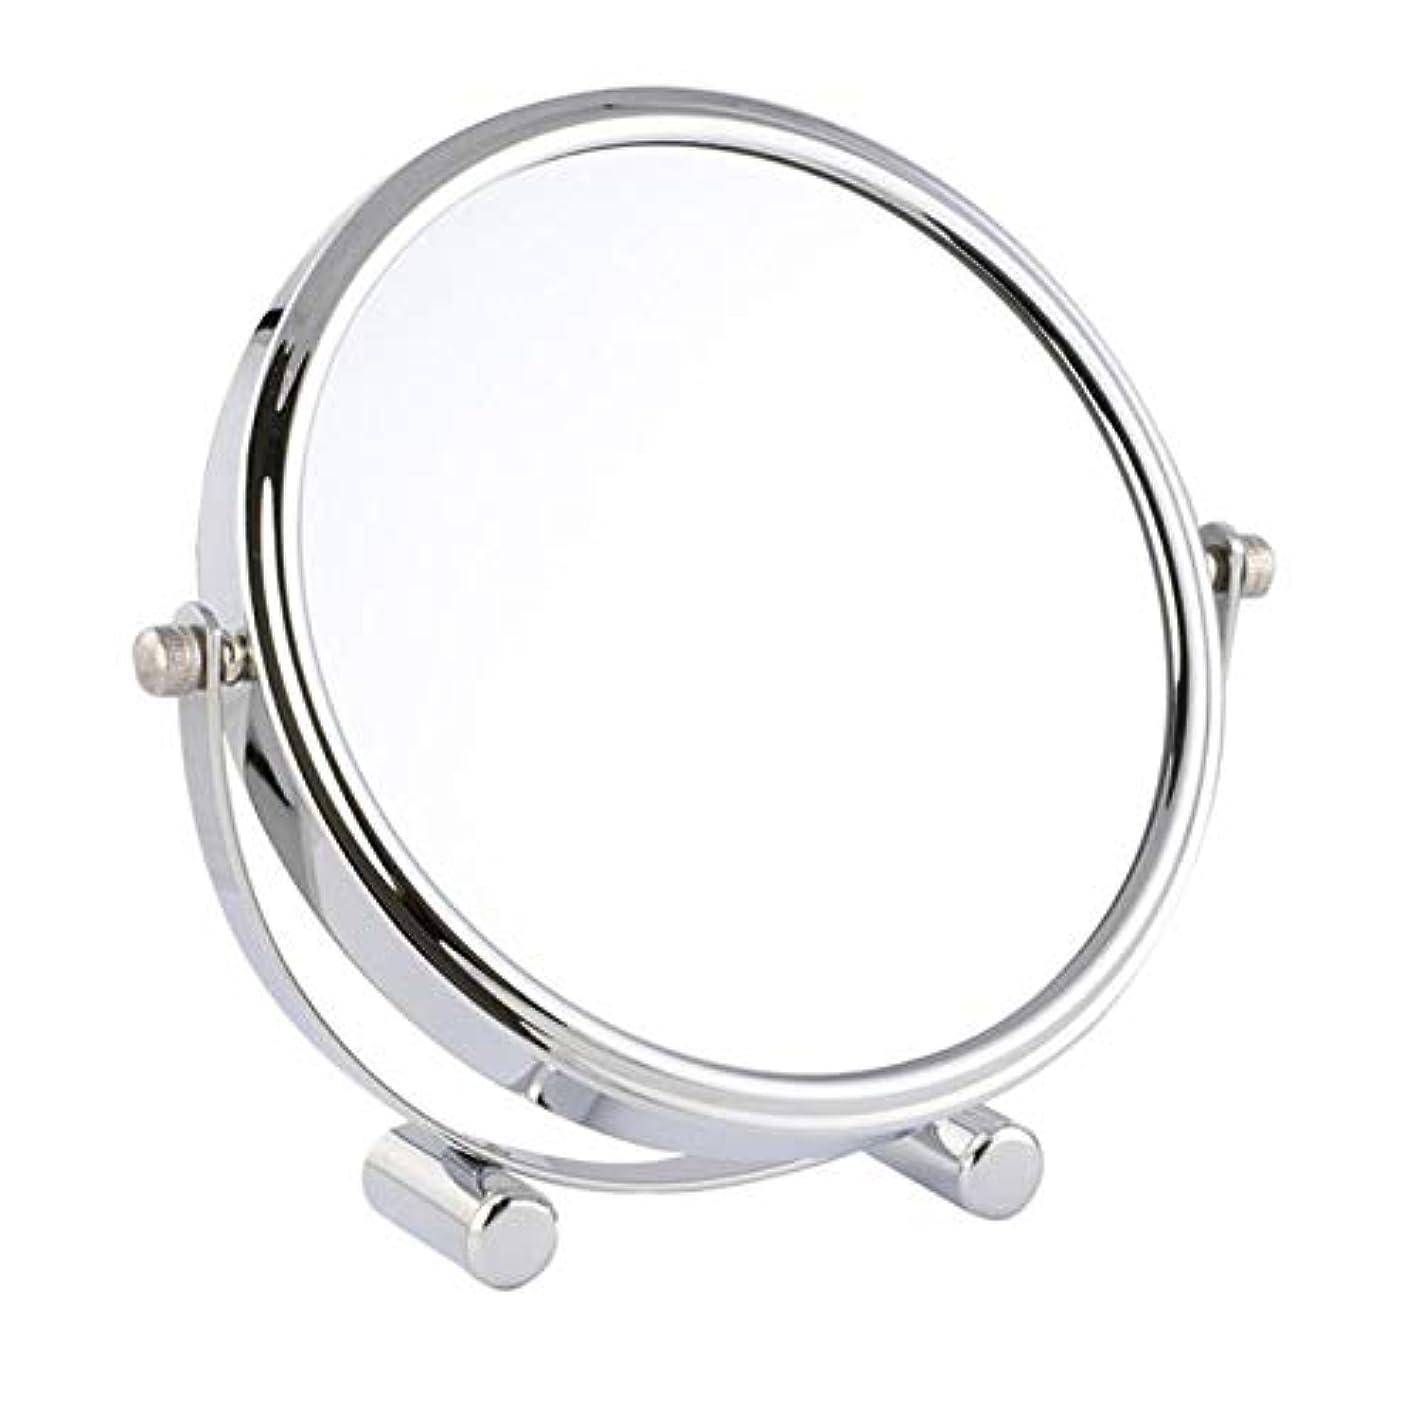 広いマウントバンクロボット化粧鏡 女優ミラー けメイクミラー スタンドミラー 卓上鏡 化粧道具 両面鏡 片面2倍 拡大鏡 360度回転 鏡面直径17cm